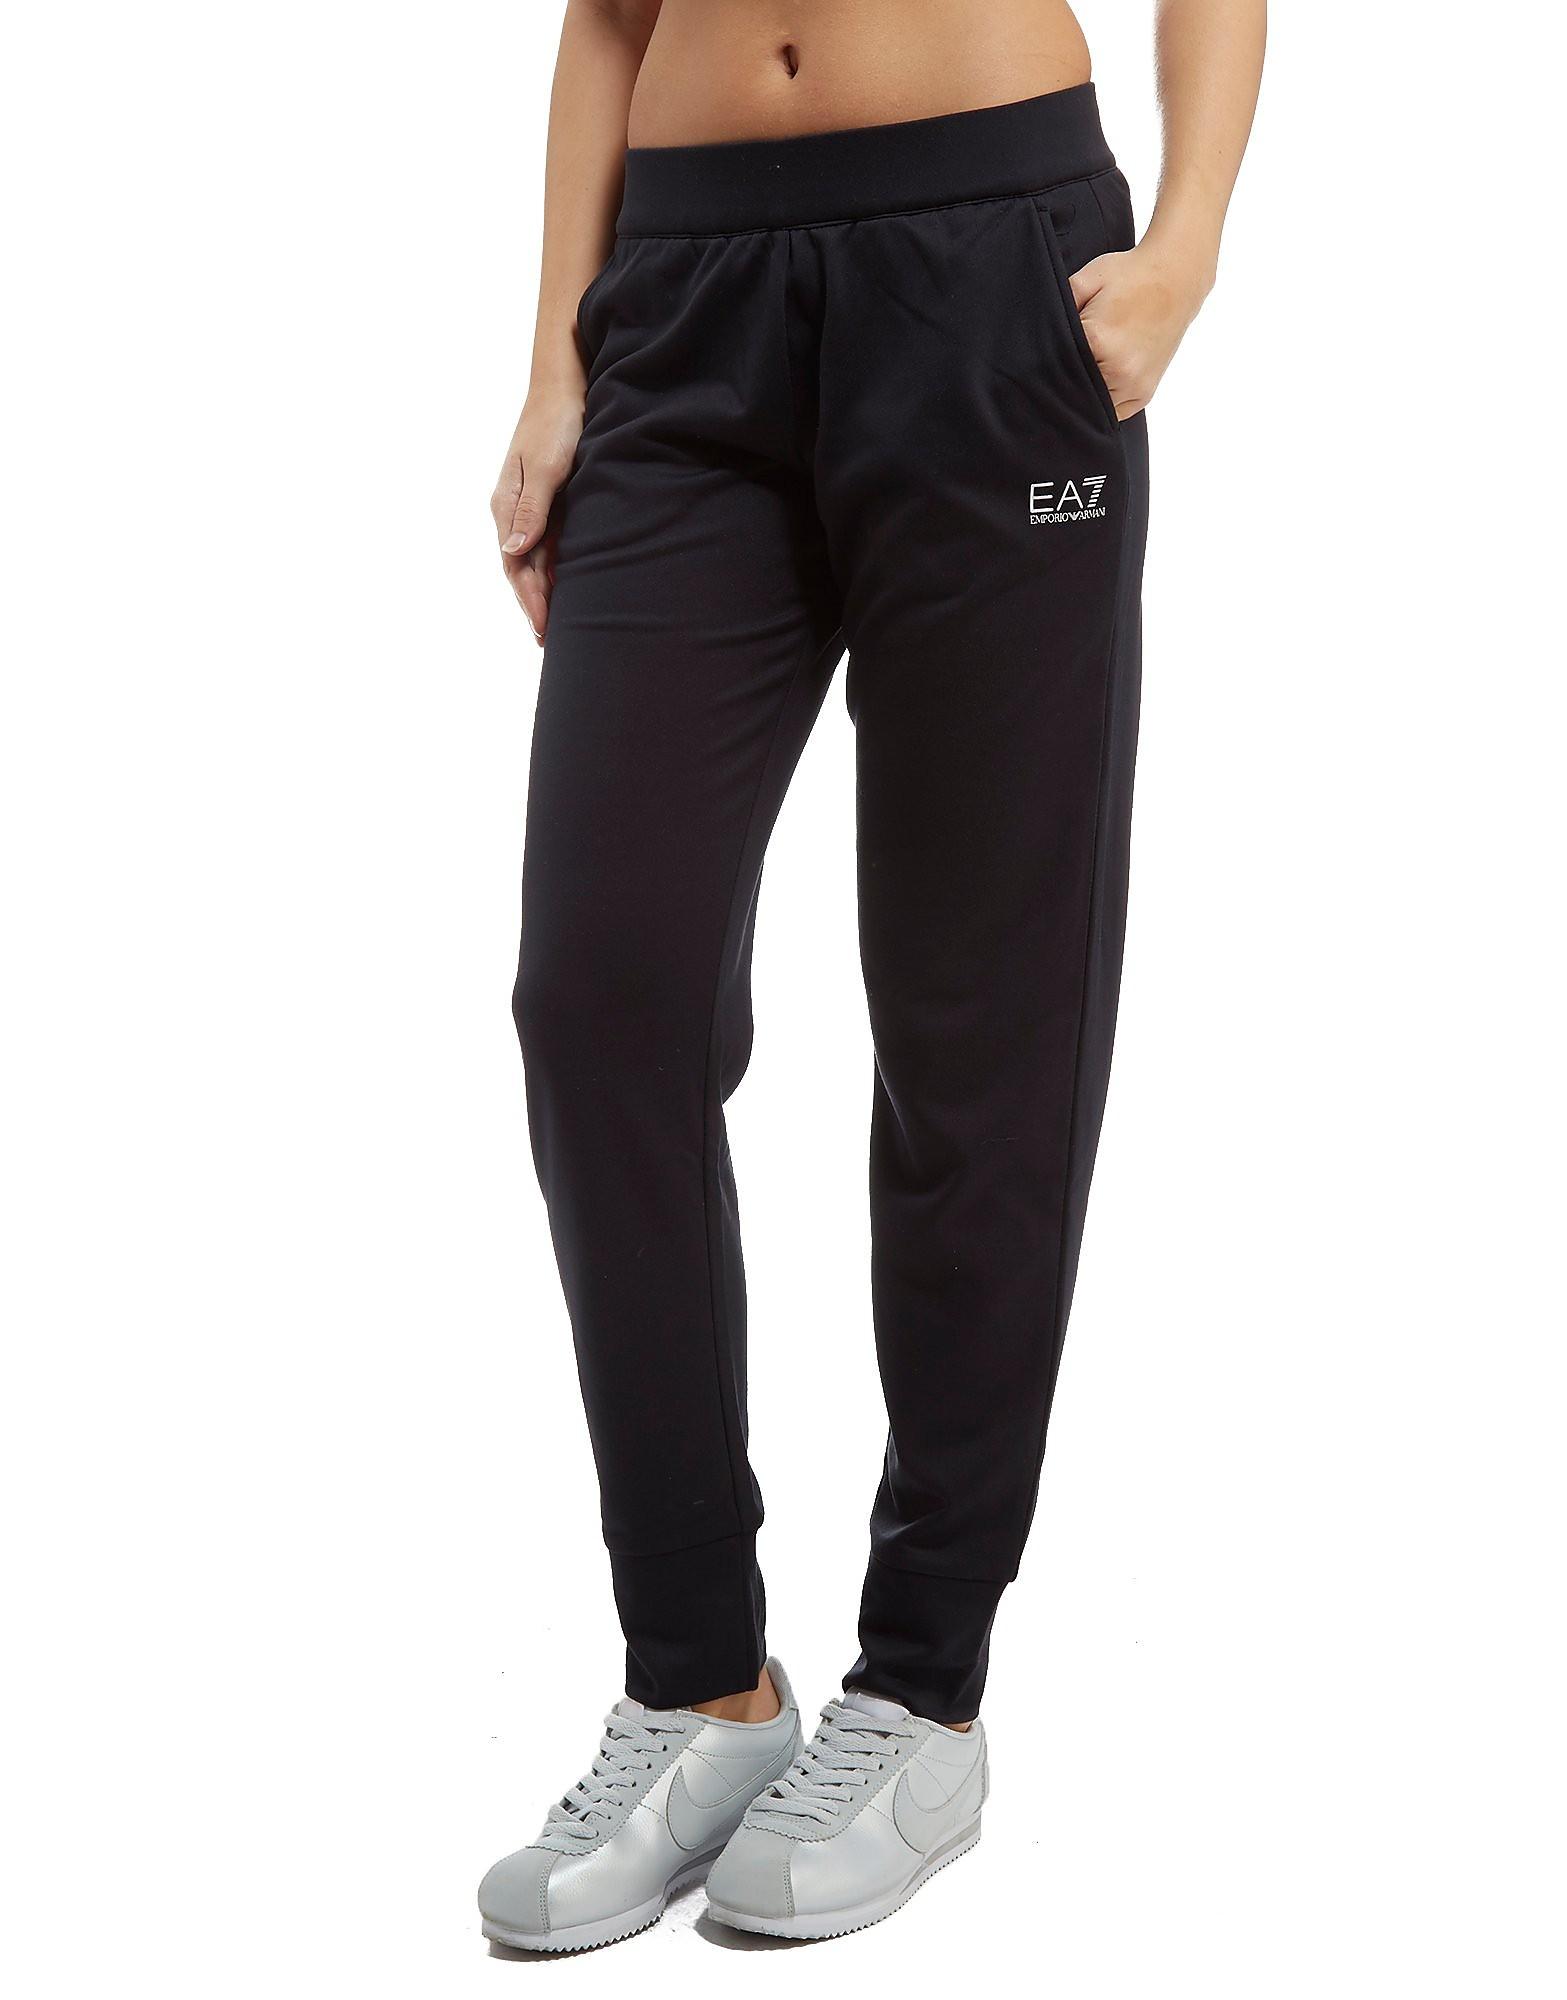 Emporio Armani EA7 pantalón de chándal Poly